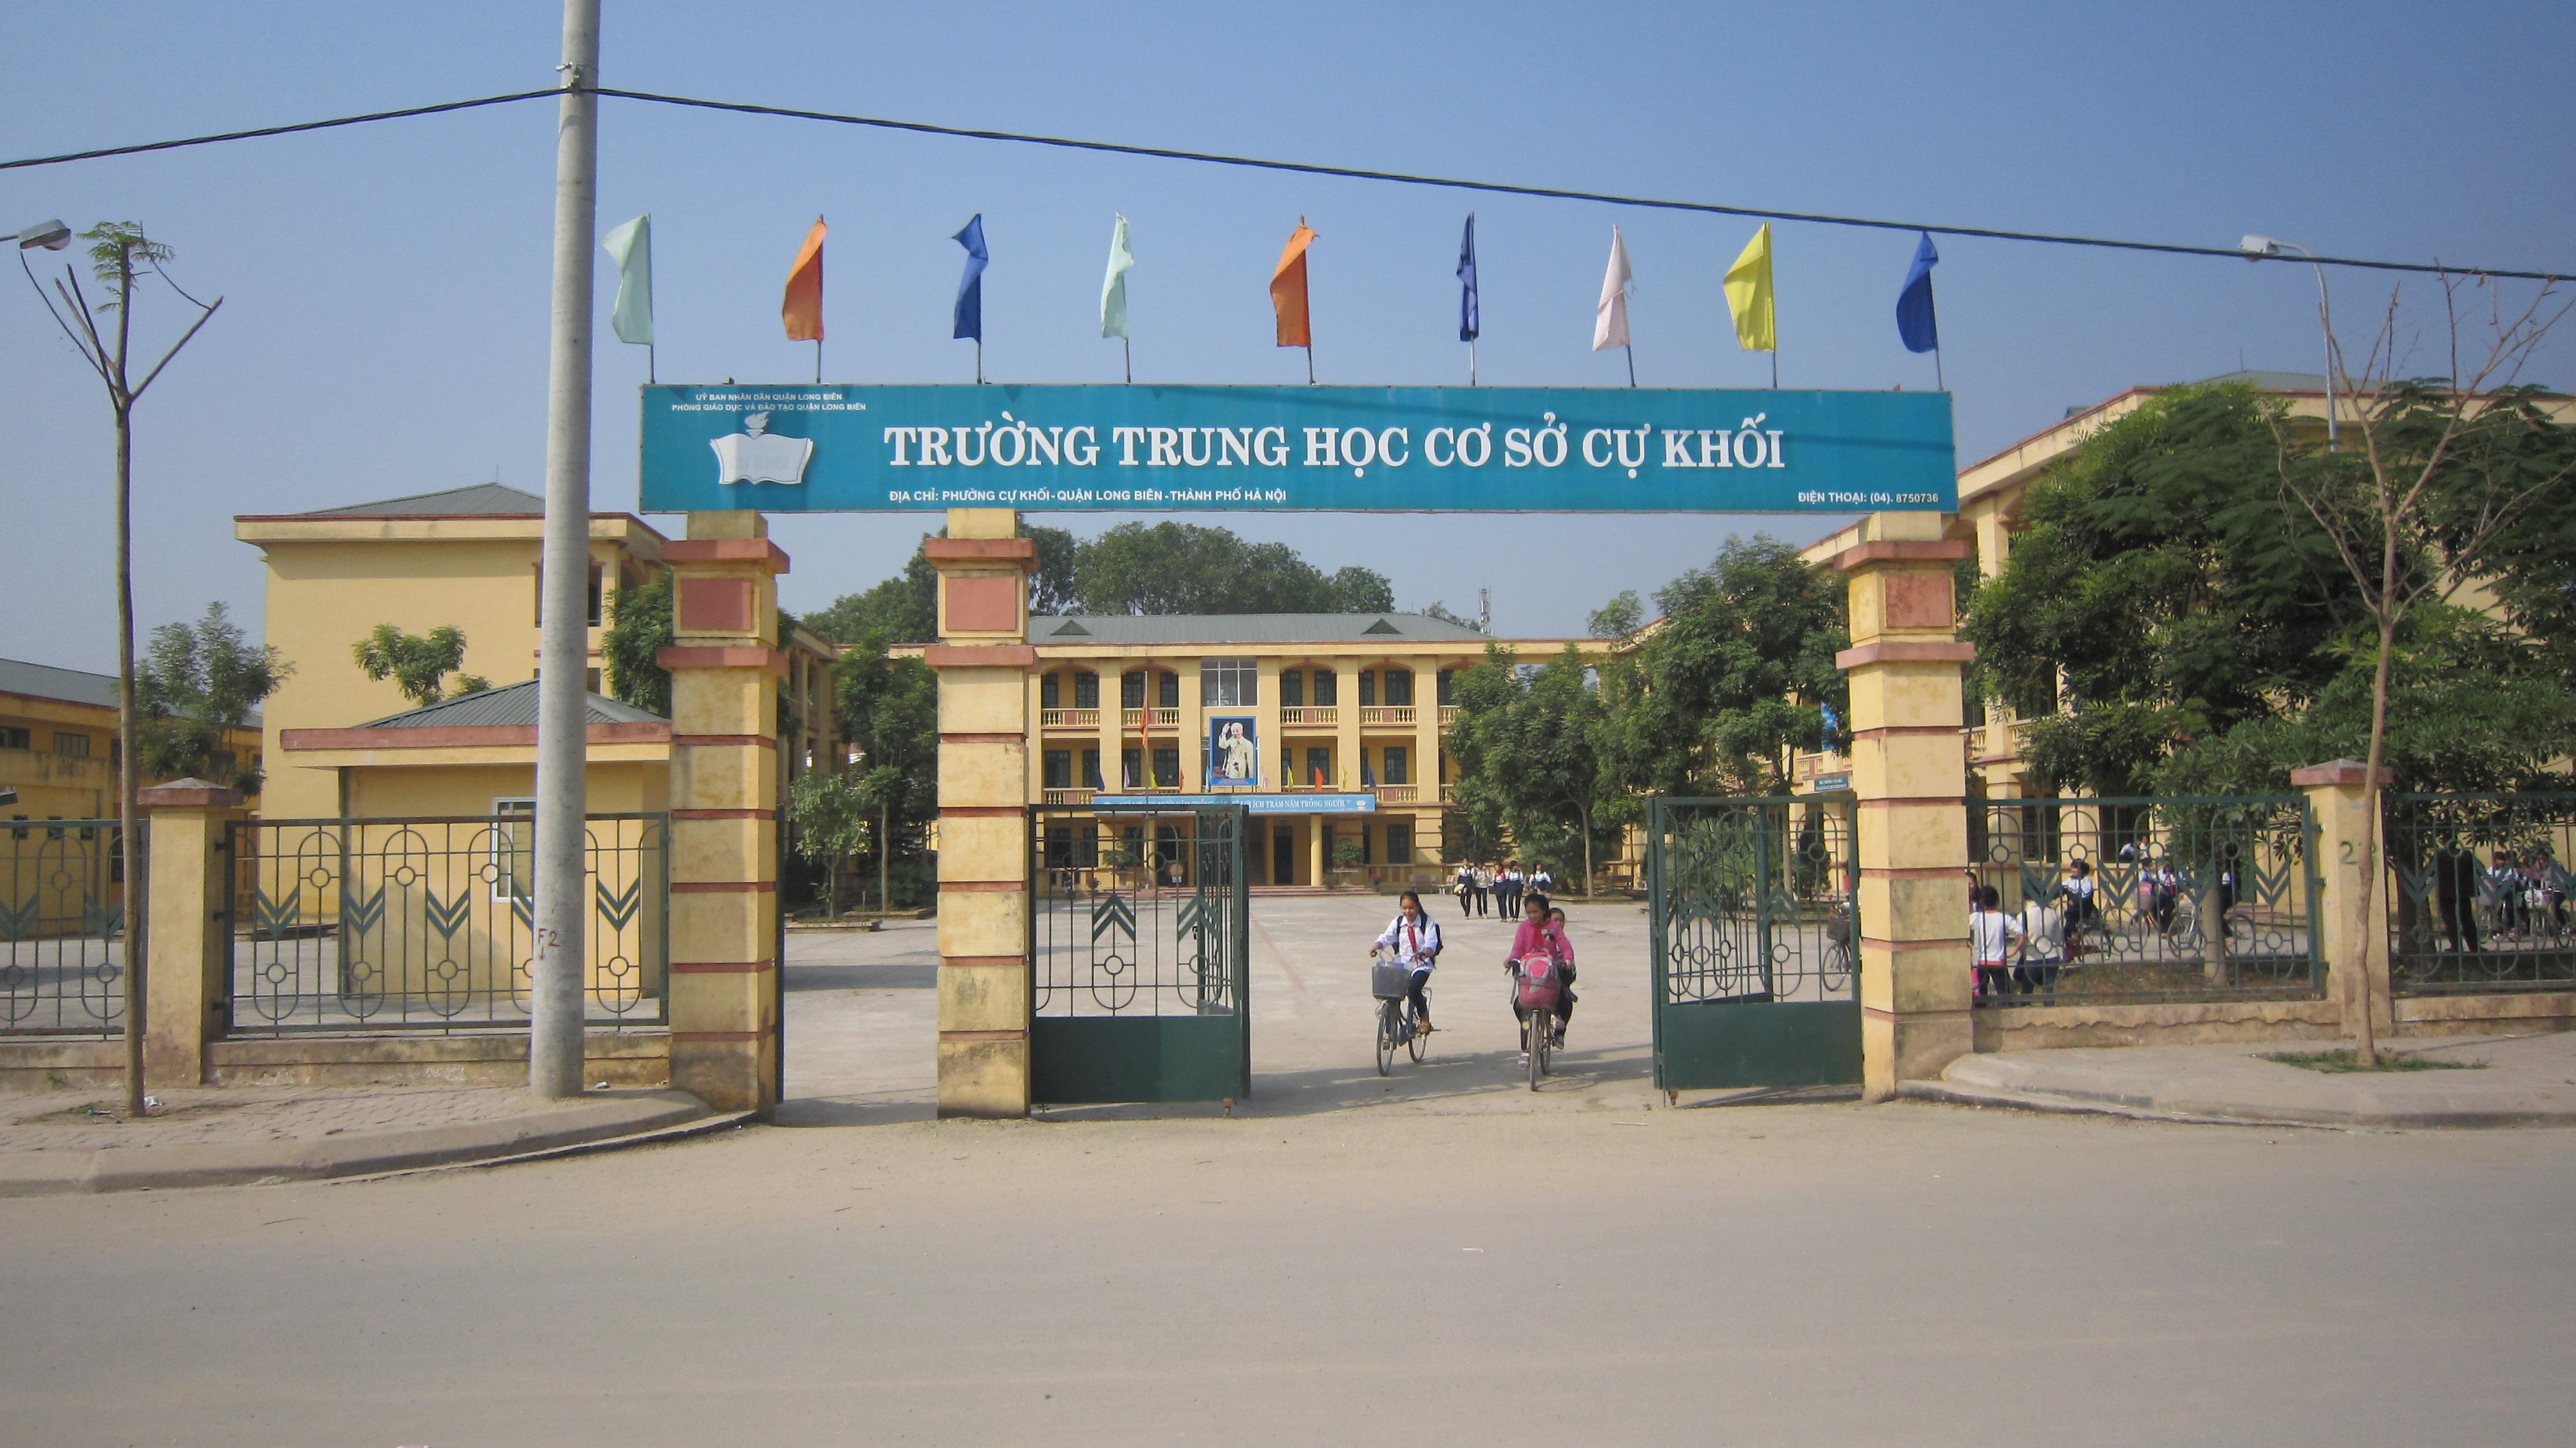 Cự Khối - Trường THCS công lập quận Long Biên, Hà Nội (Ảnh: Phòng Giáo Dục và Đào Tạo quận Long Biên)